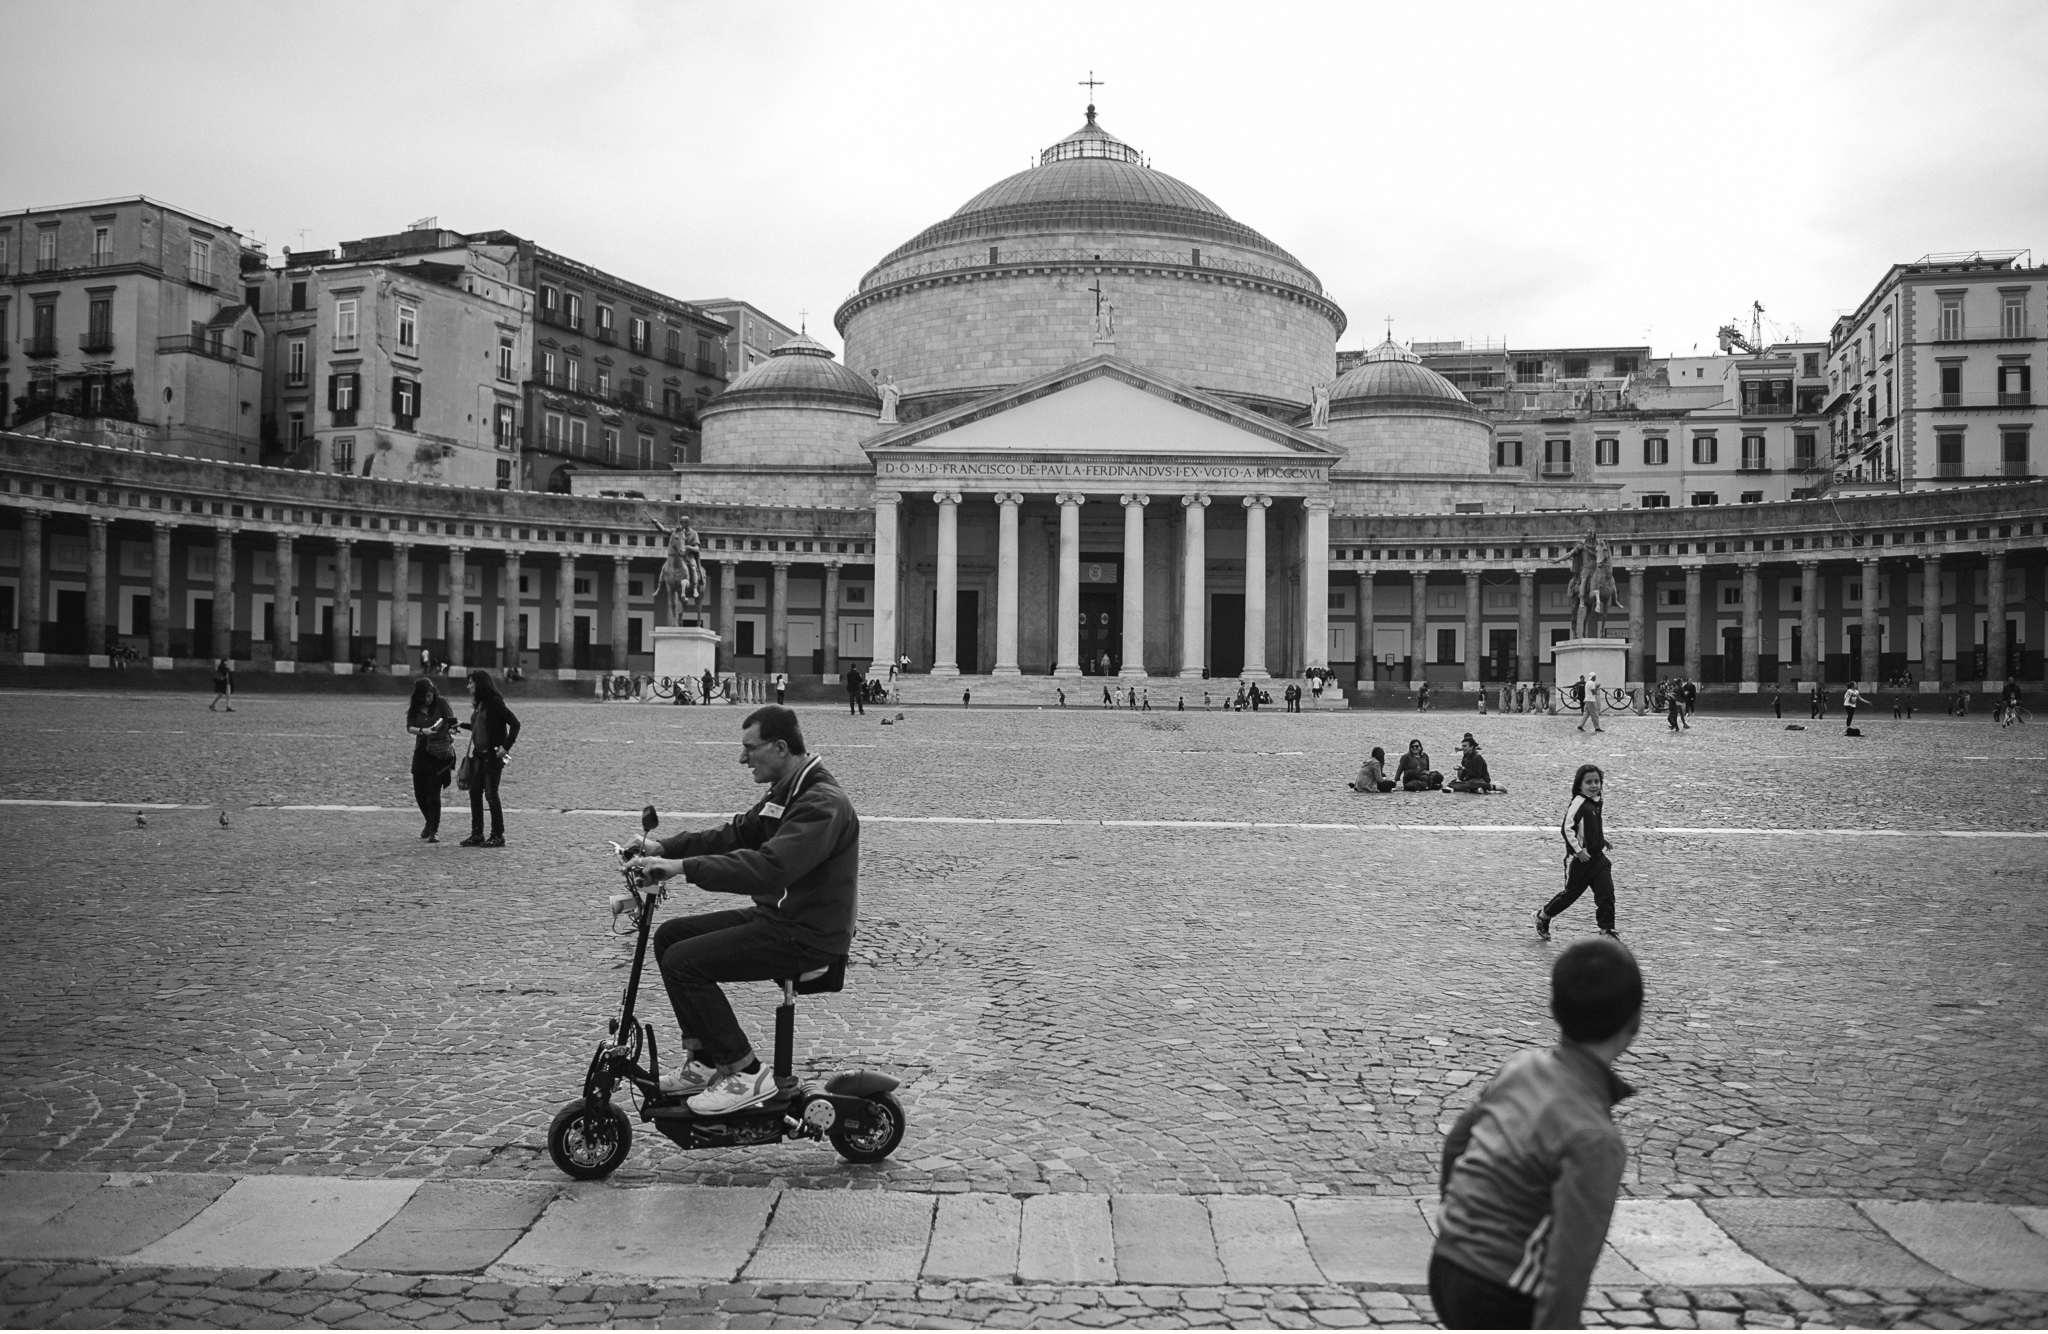 Interrail Reise - Italien Neapel - Geschichten von unterwegs - Foto Daniel Kempf-Seifried-55